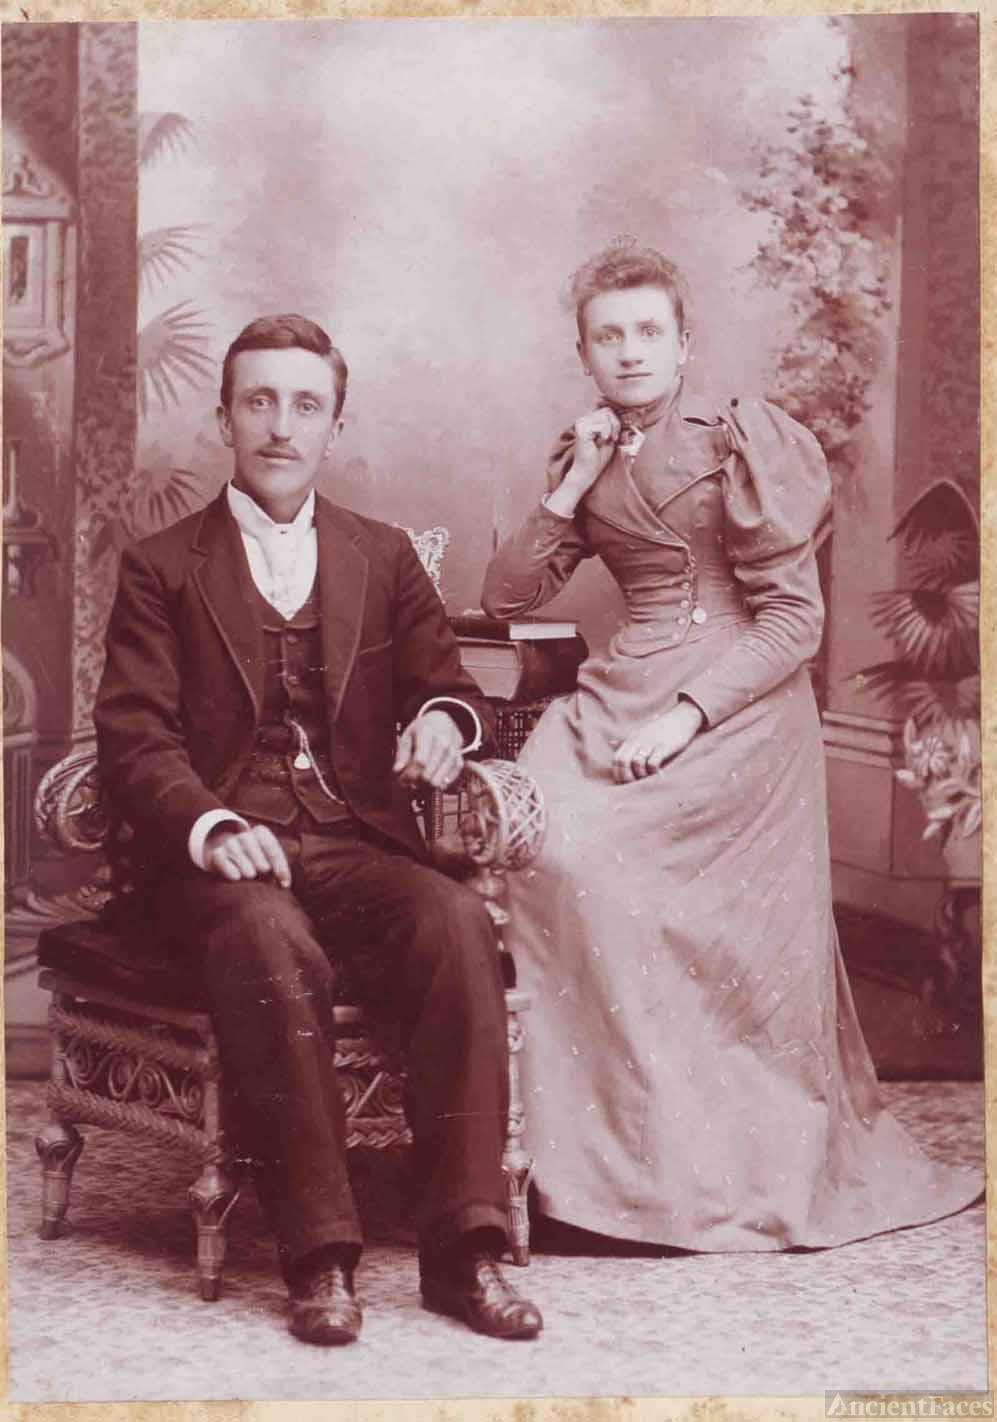 Dimick & Elizabeth Eamon